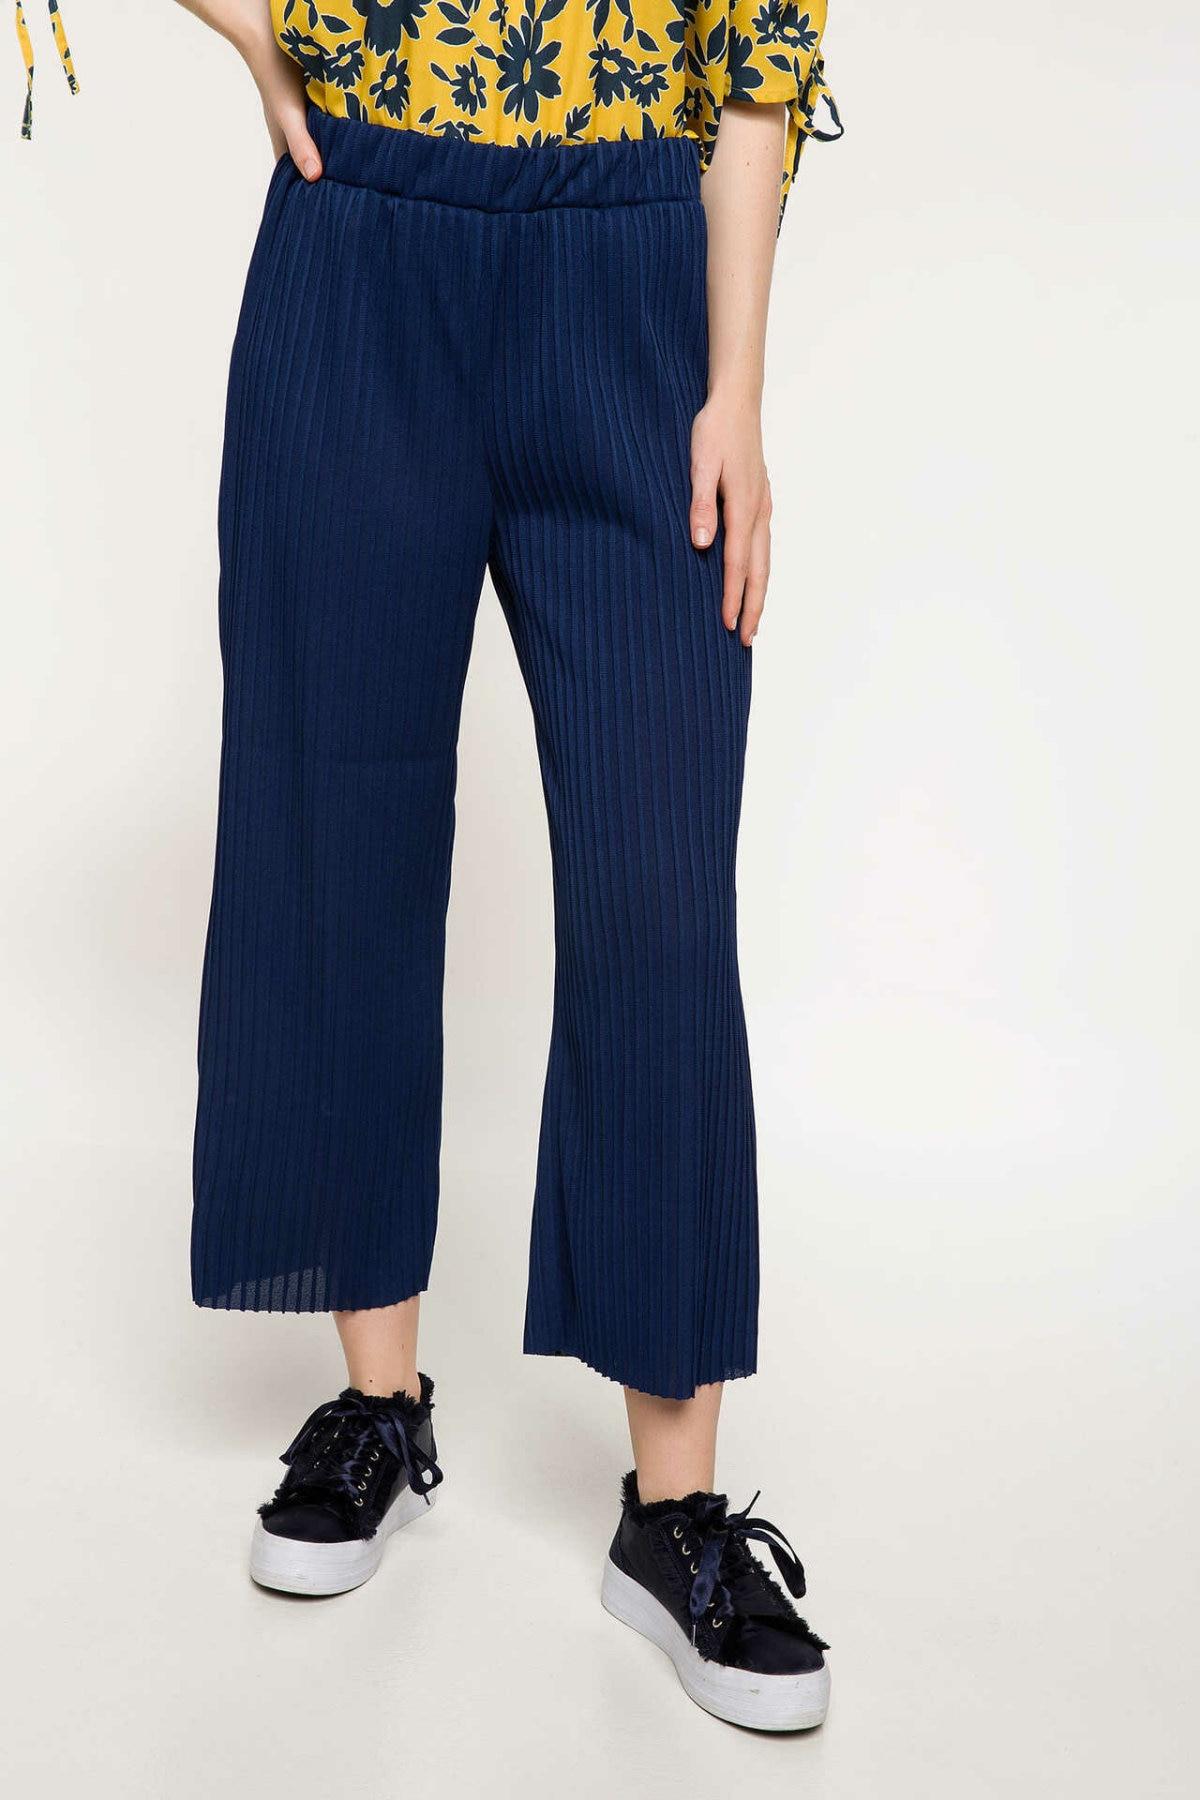 DeFacto Fashion Woman Elegant Trousers Female Wide-leg Crop Pants Ladies Casual Belts Comfort Spring Blue - J1076AZ18SP